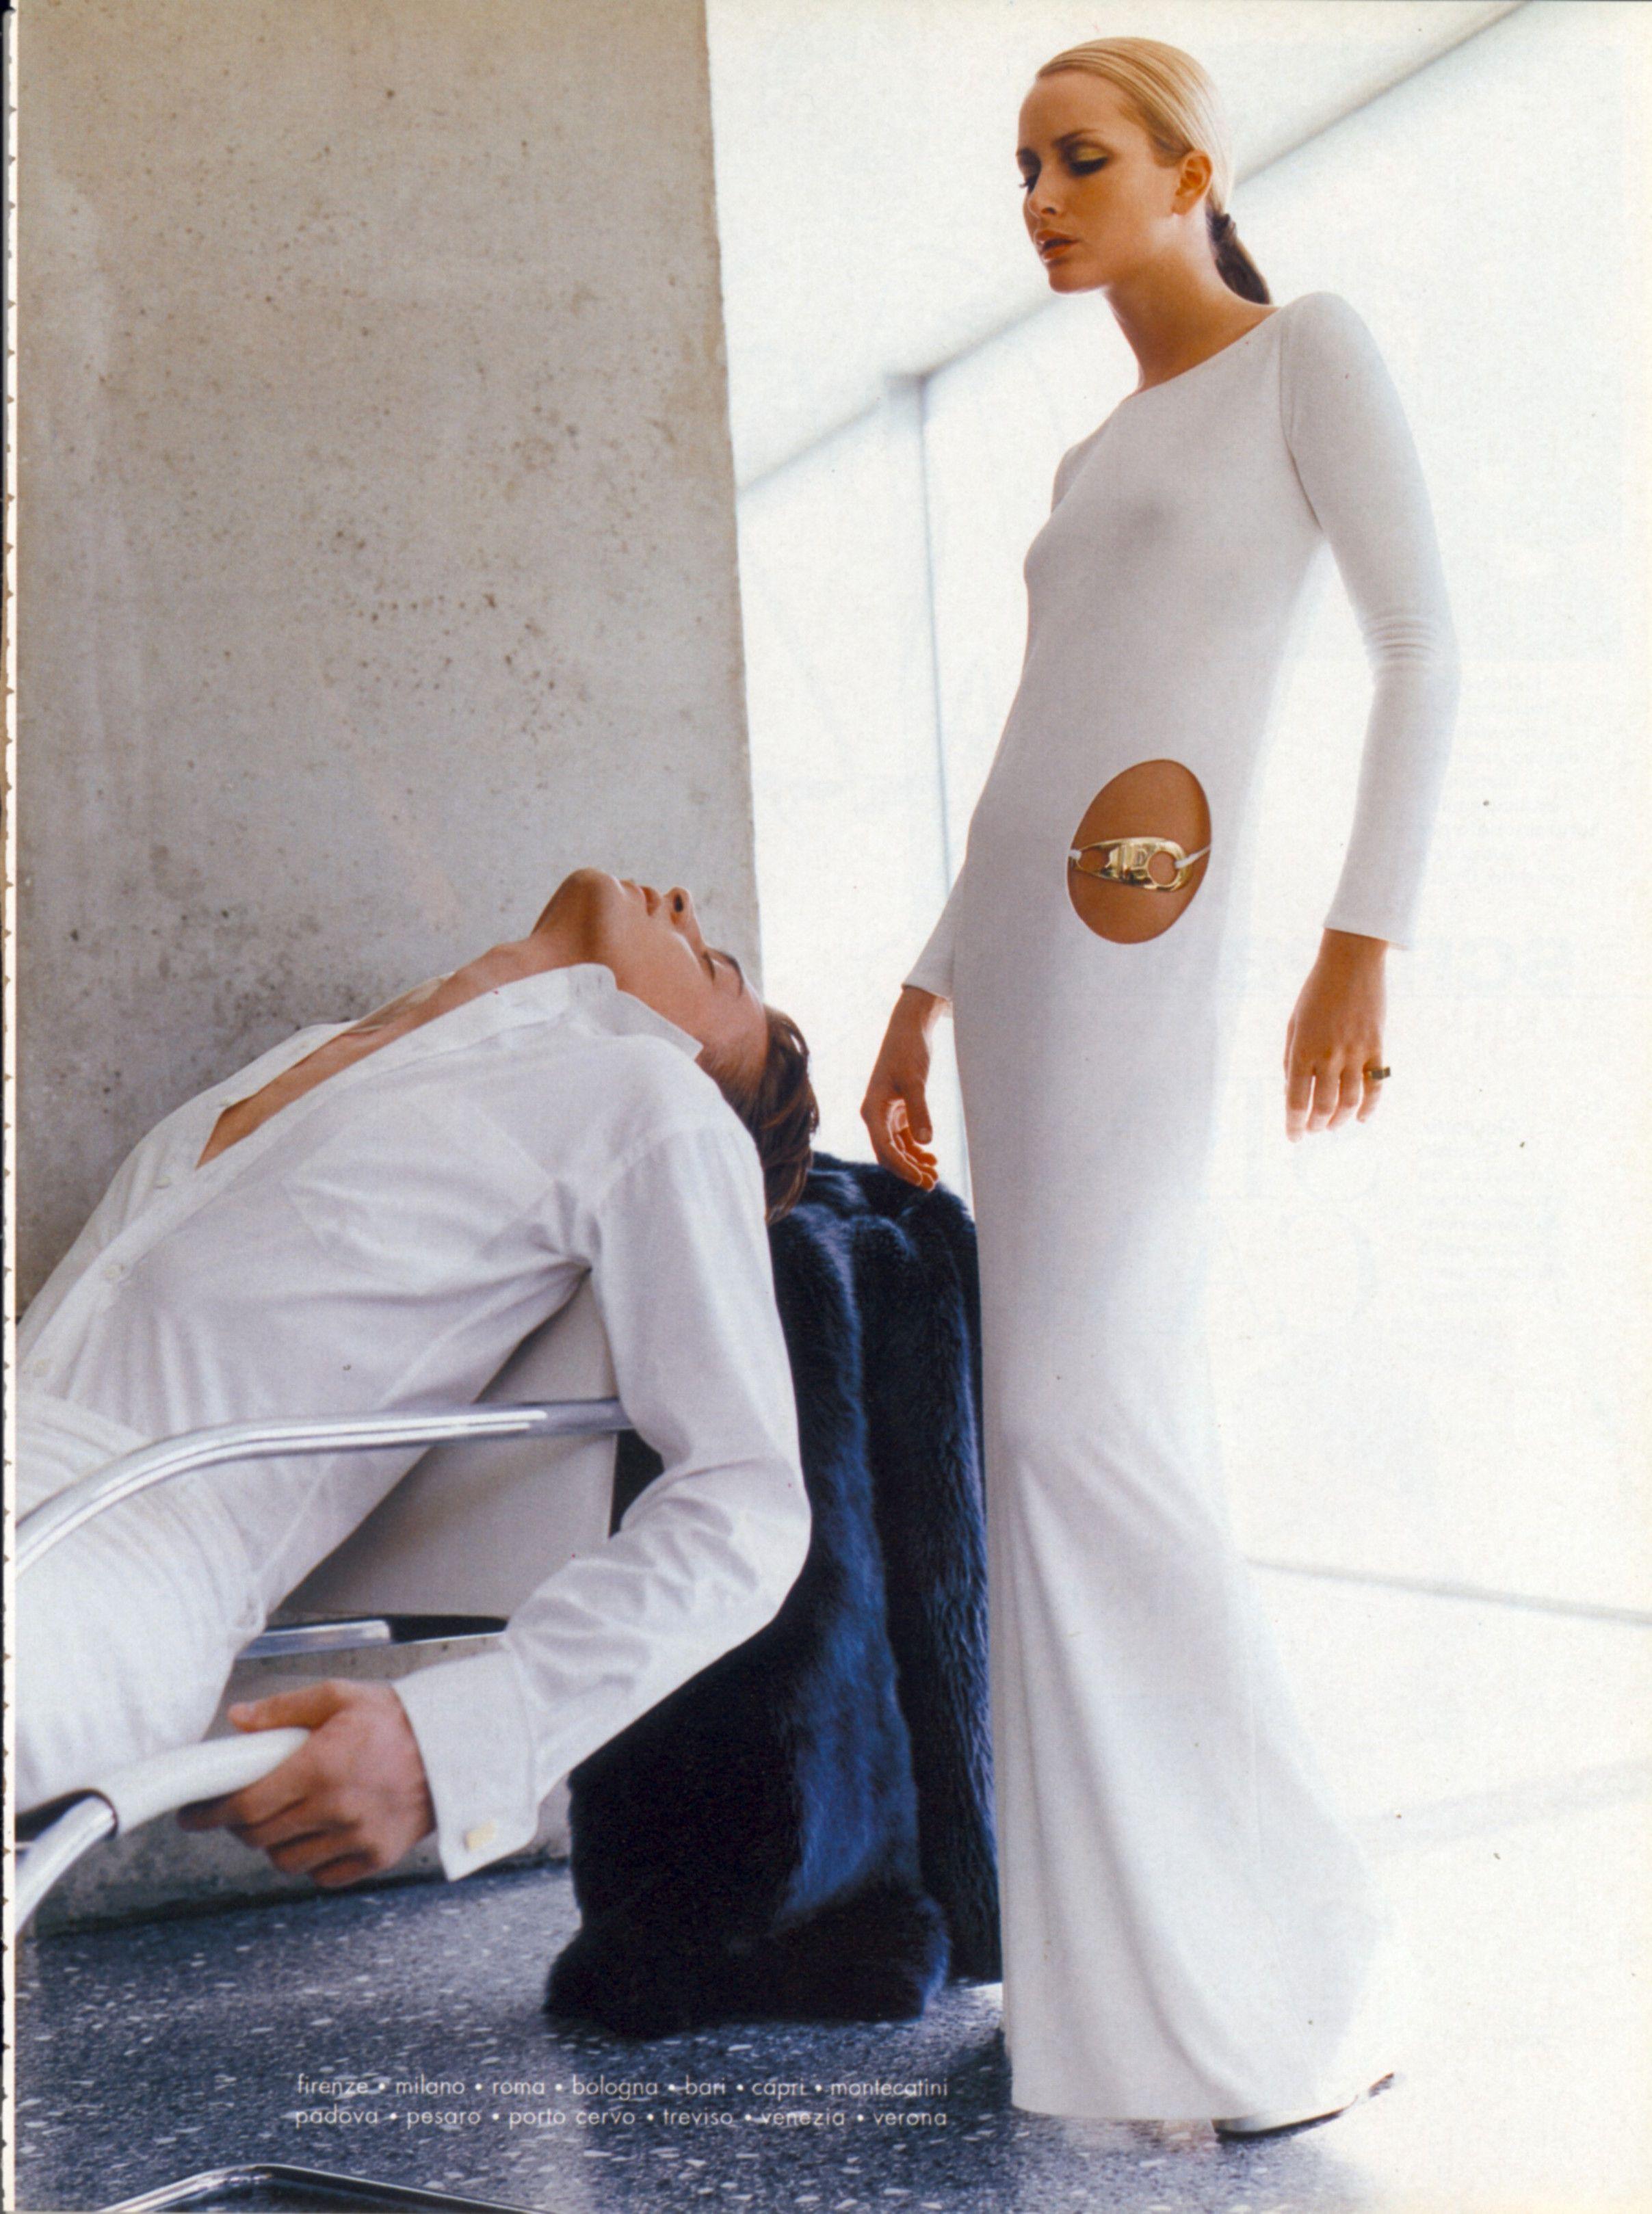 Gucci Tom Ford Fashion Gucci Fashion Gucci Campaign